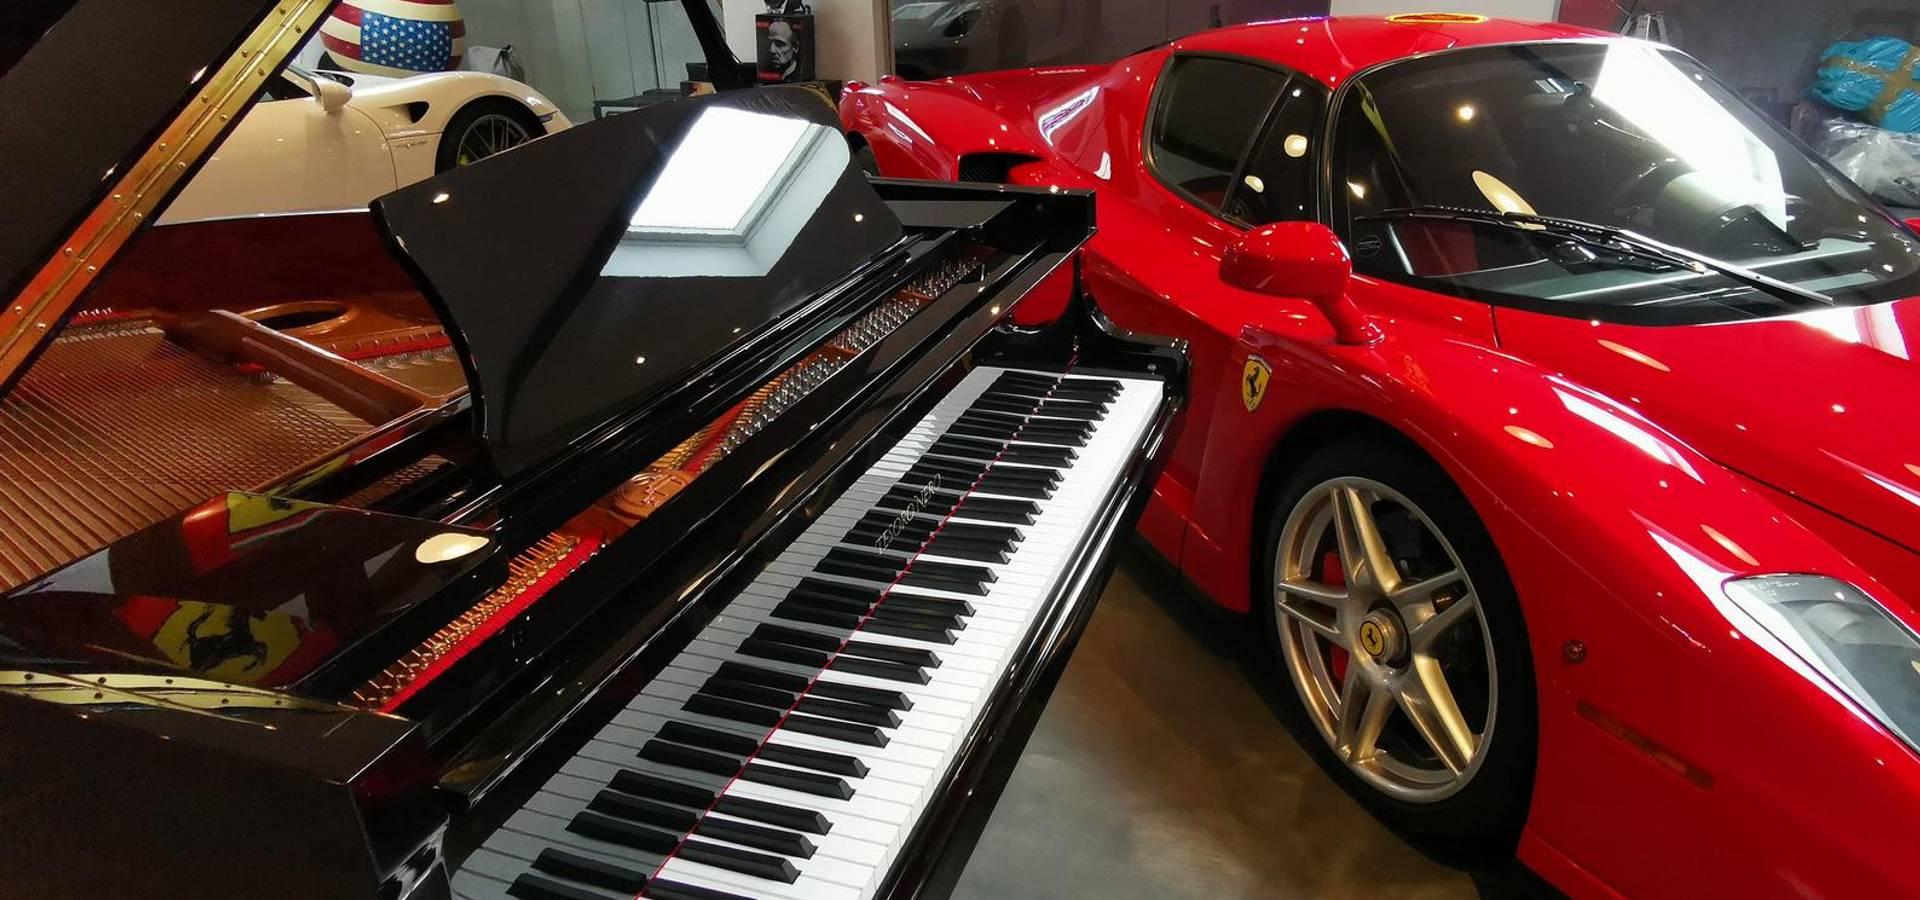 Tesoro Nero Piano Company